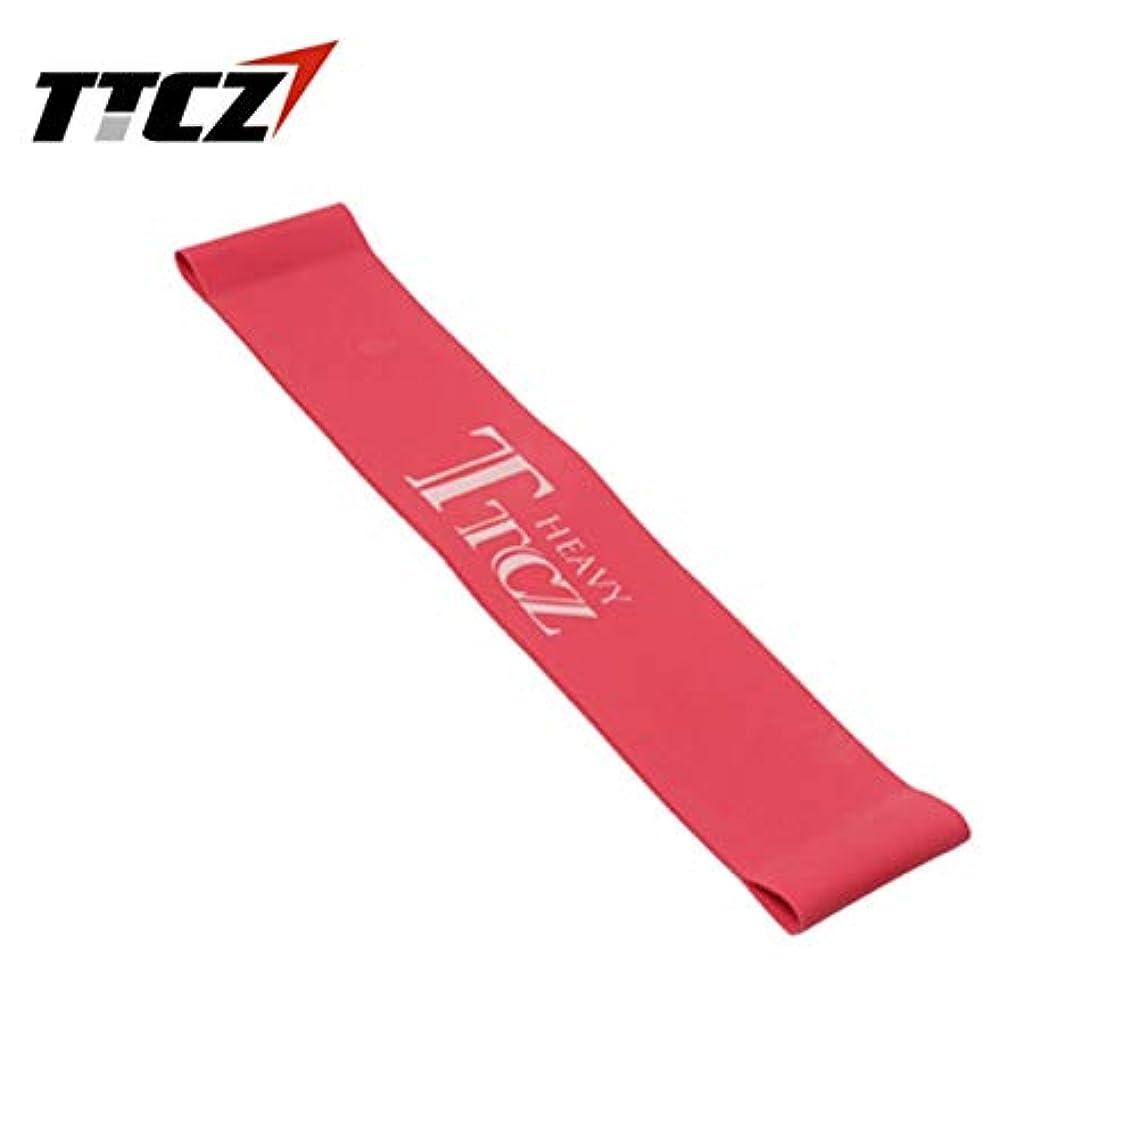 キャリッジ統治するコントラスト弾性張力抵抗バンドエクササイズワークラバーループバンドボディービル筋肉トレーニングエキスパンダーヨガフィットネス機器 - 赤